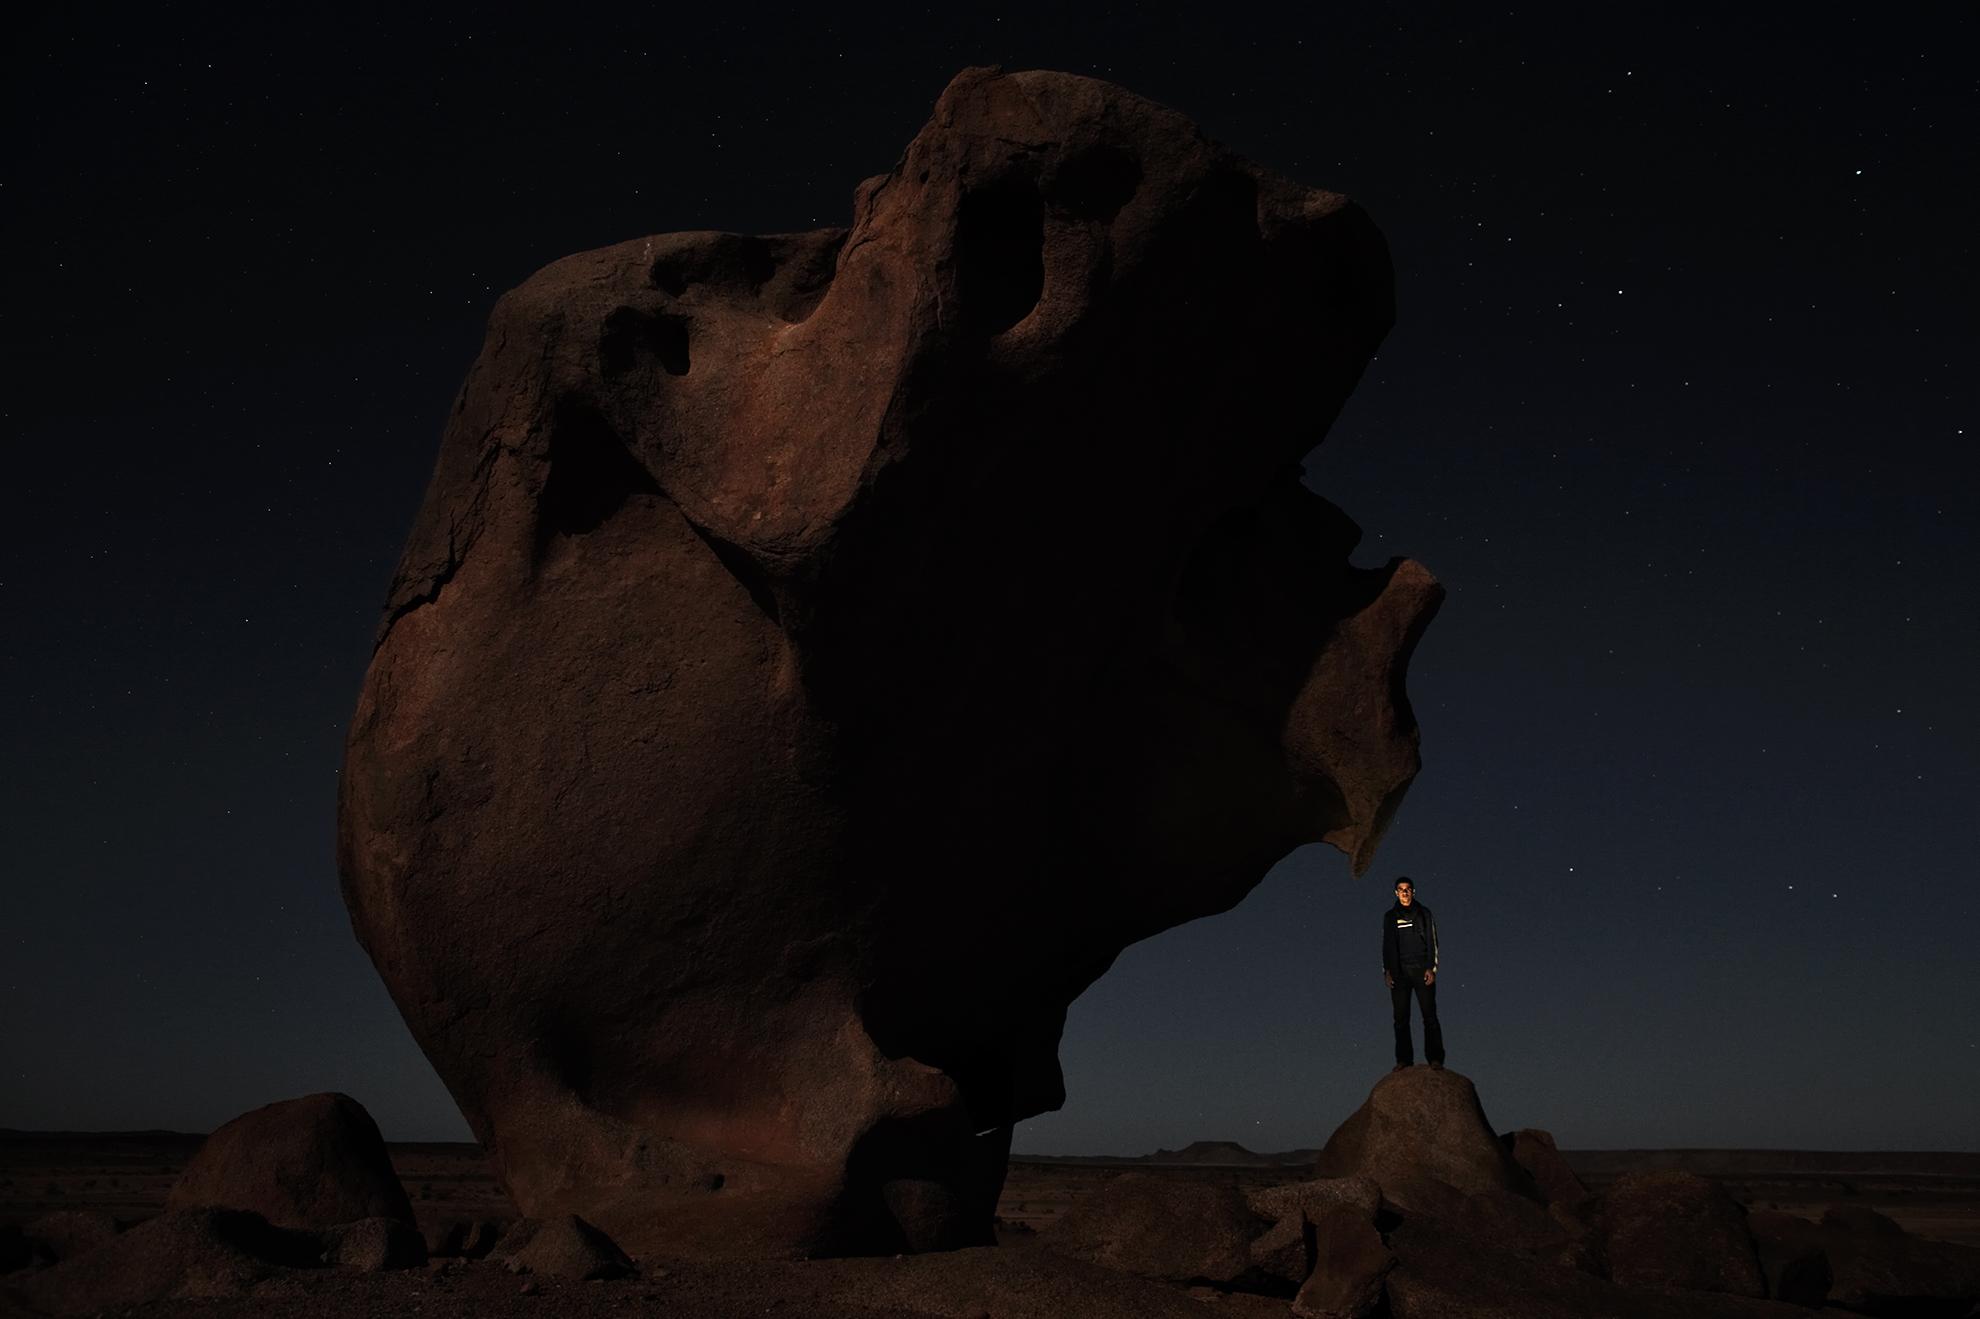 Salek Labieb Basher, 23 años, amigo del camello, fotografiado en el desierto cerca de Tifariti, en el Sáhara Occidental controlado por el Polisario.